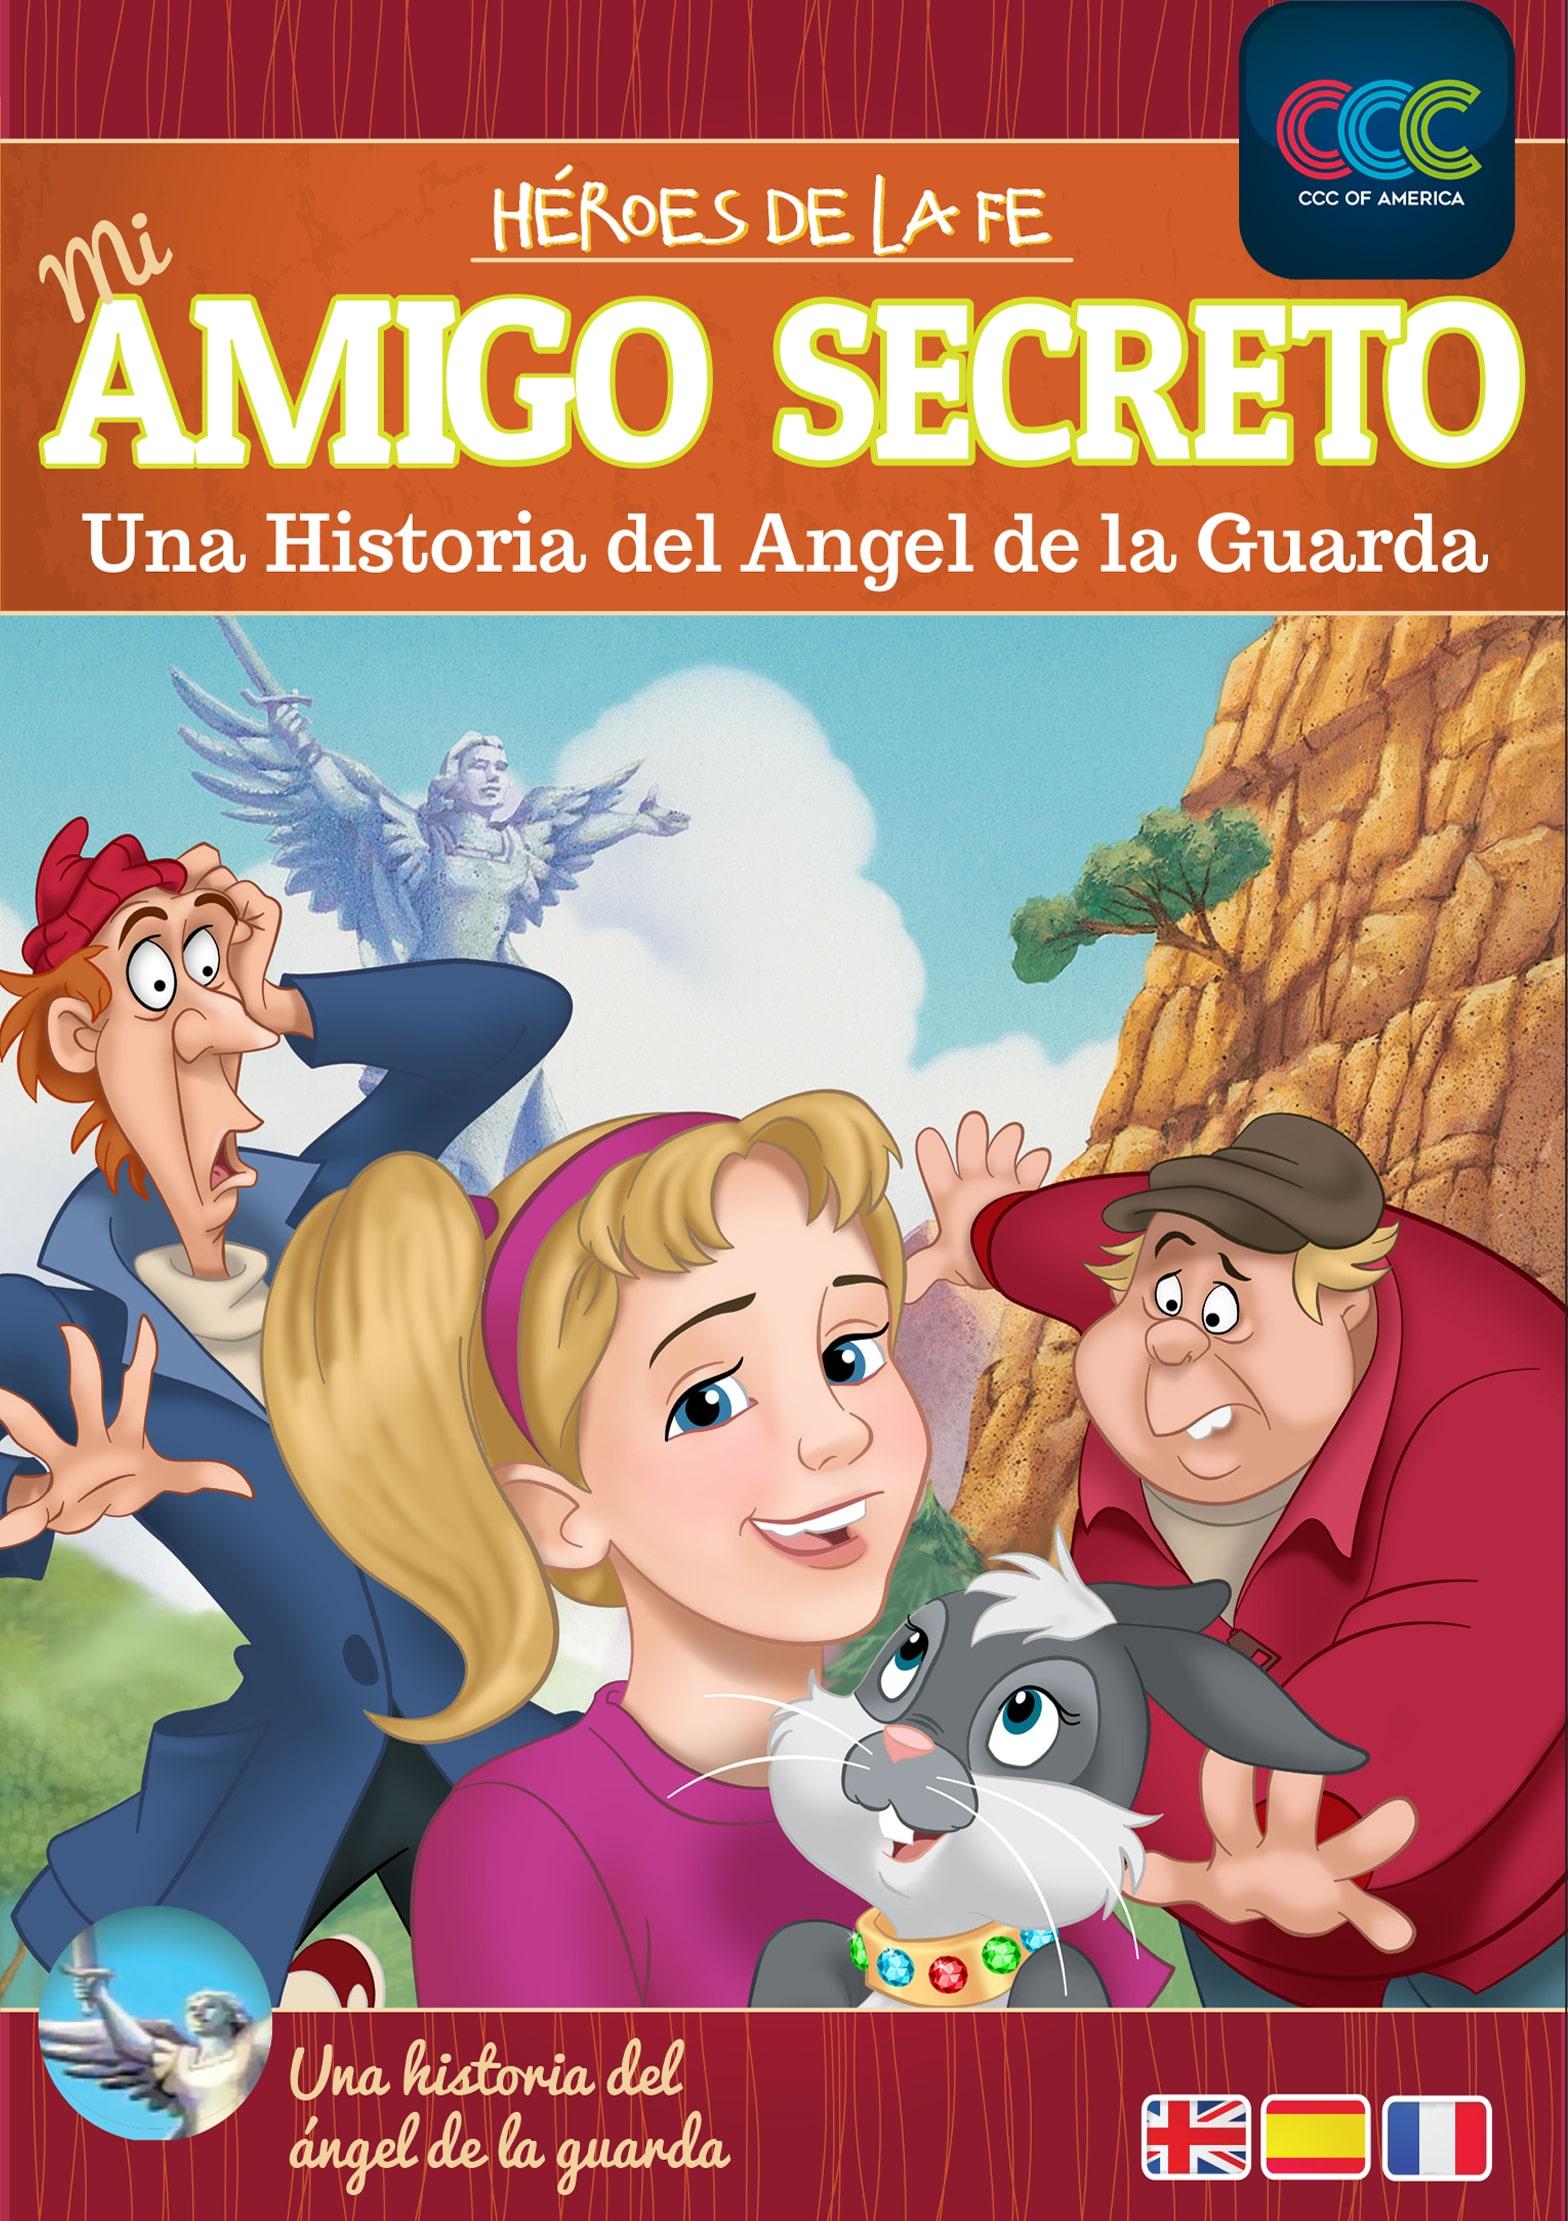 Amigo Secreto (Una historia del ángel de la guarda)